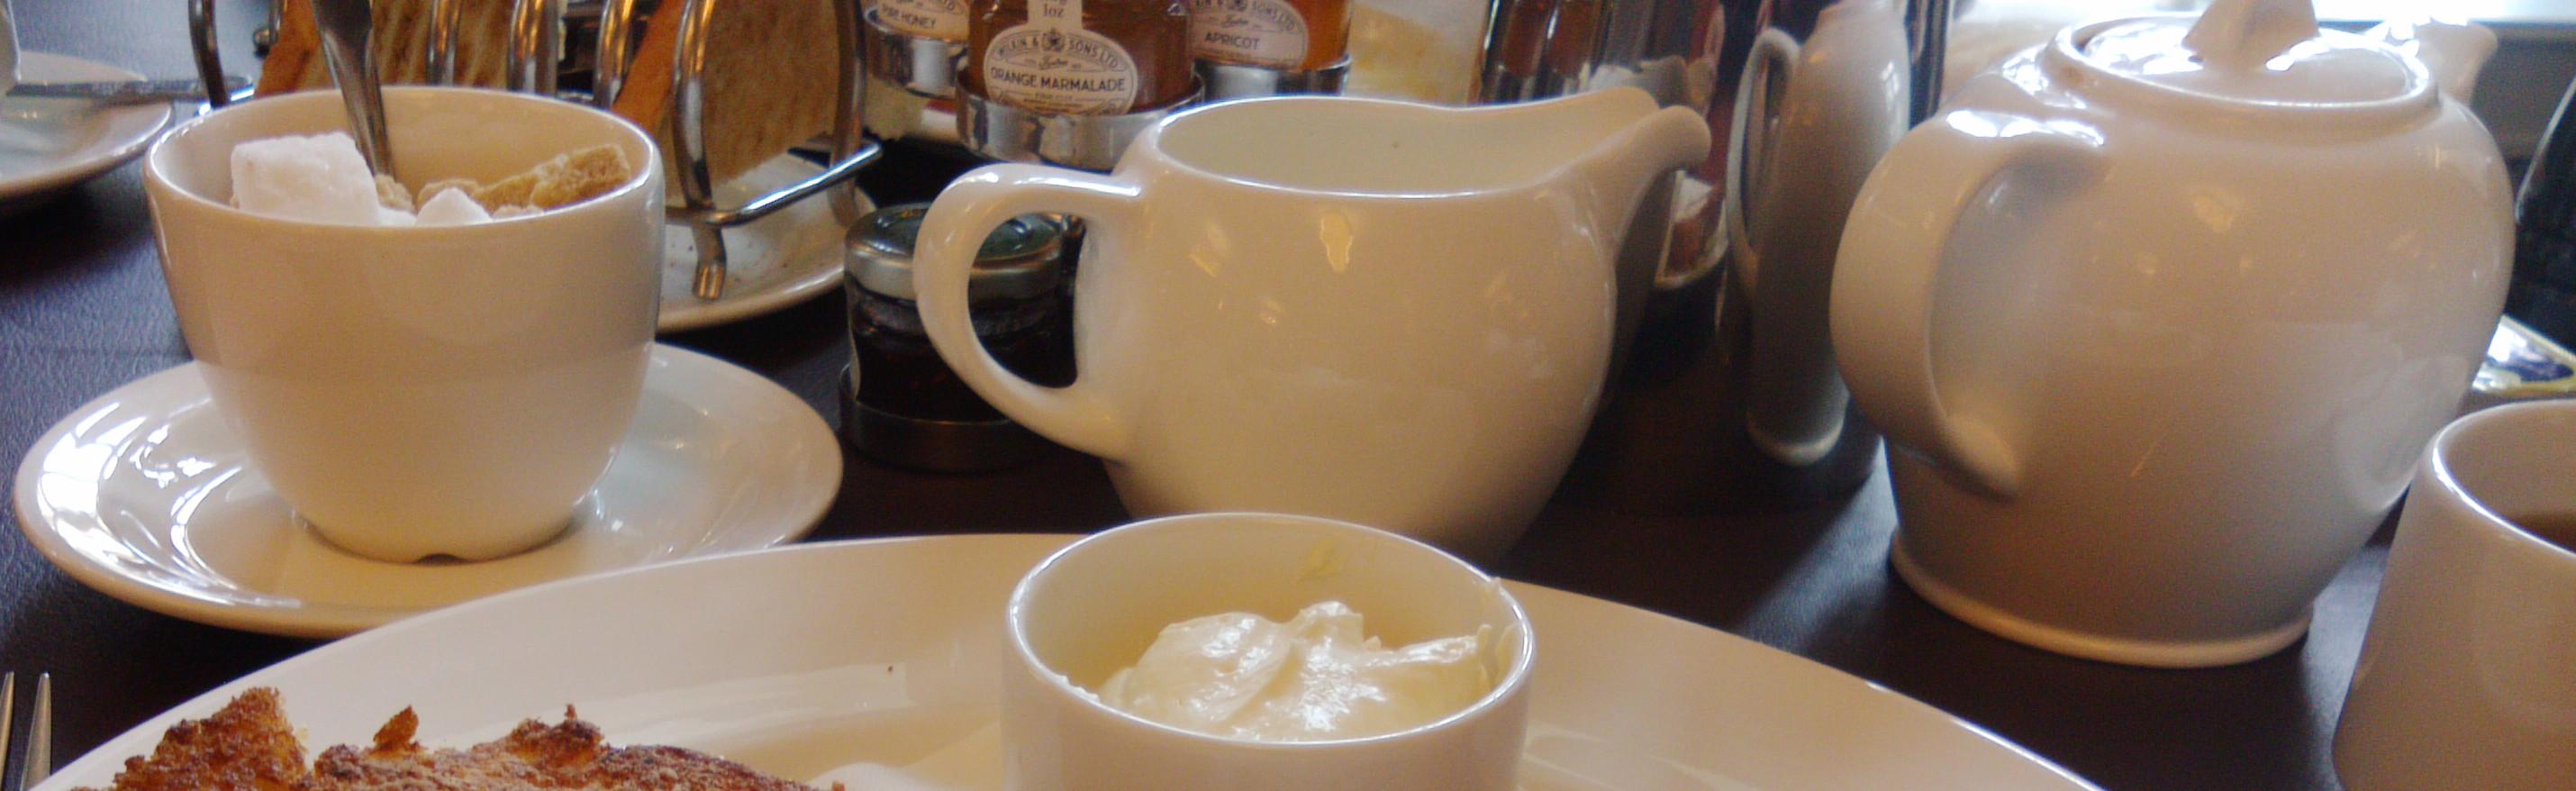 tea cups and pot